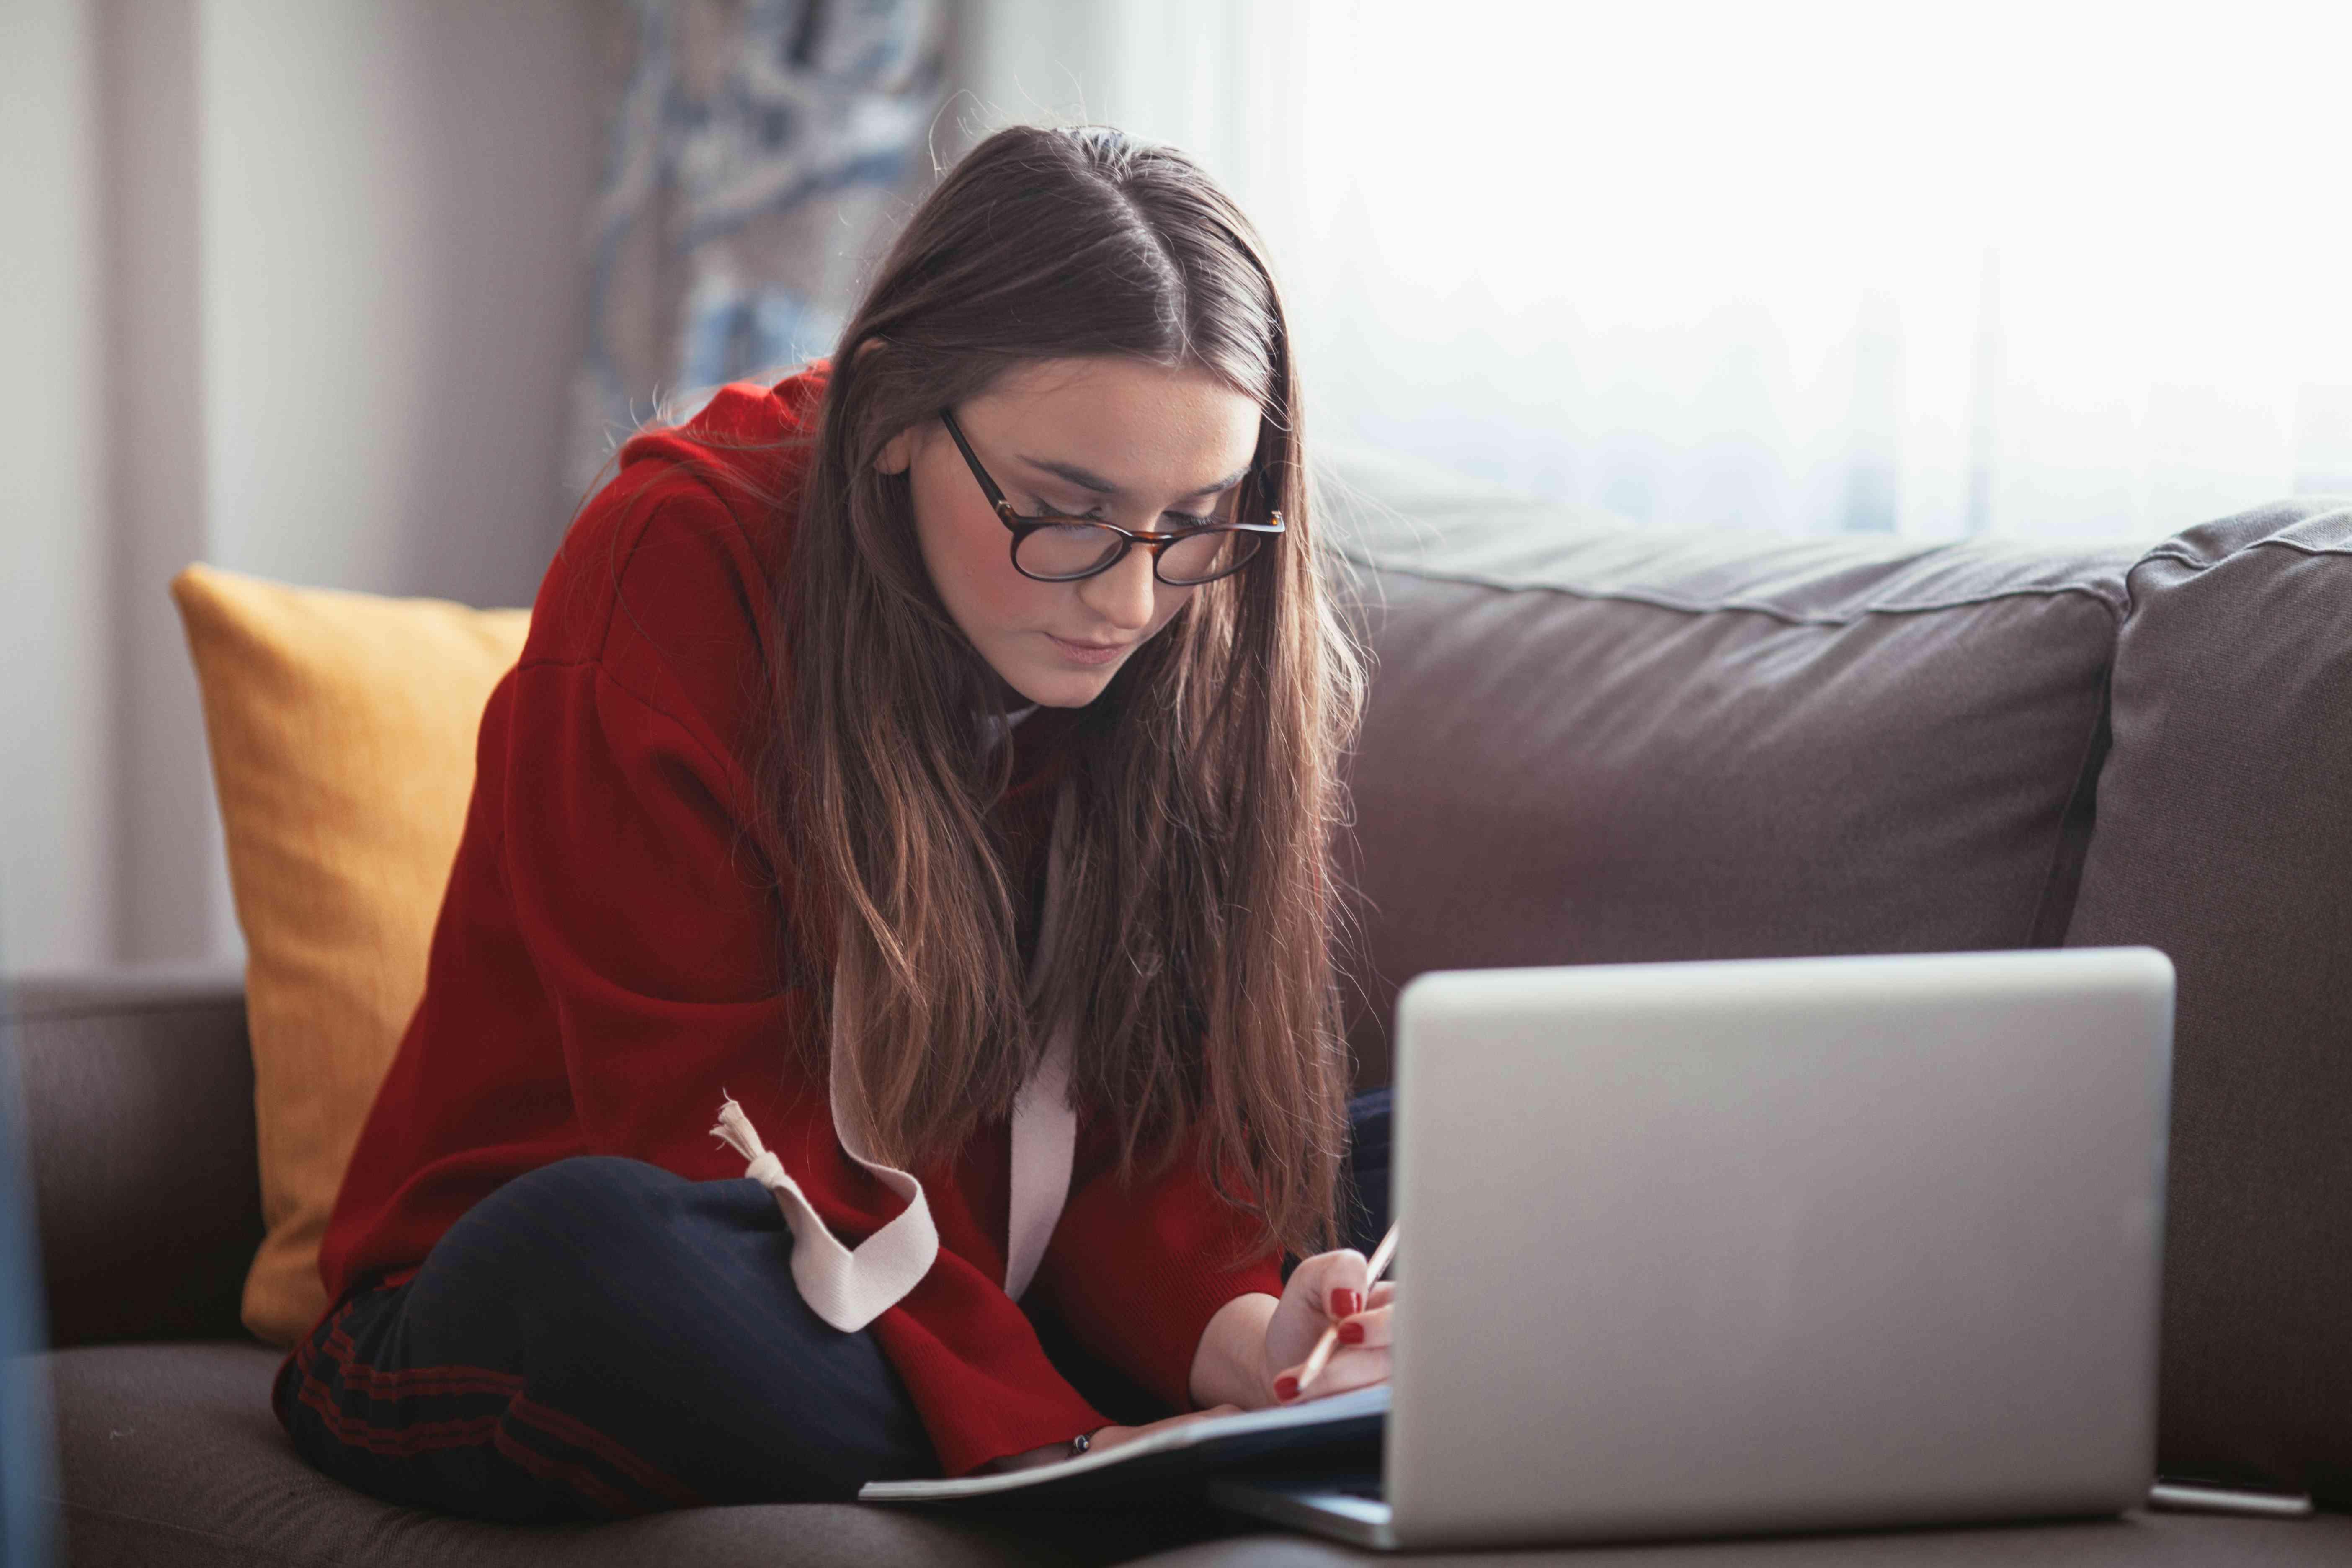 Woman studying on sofa